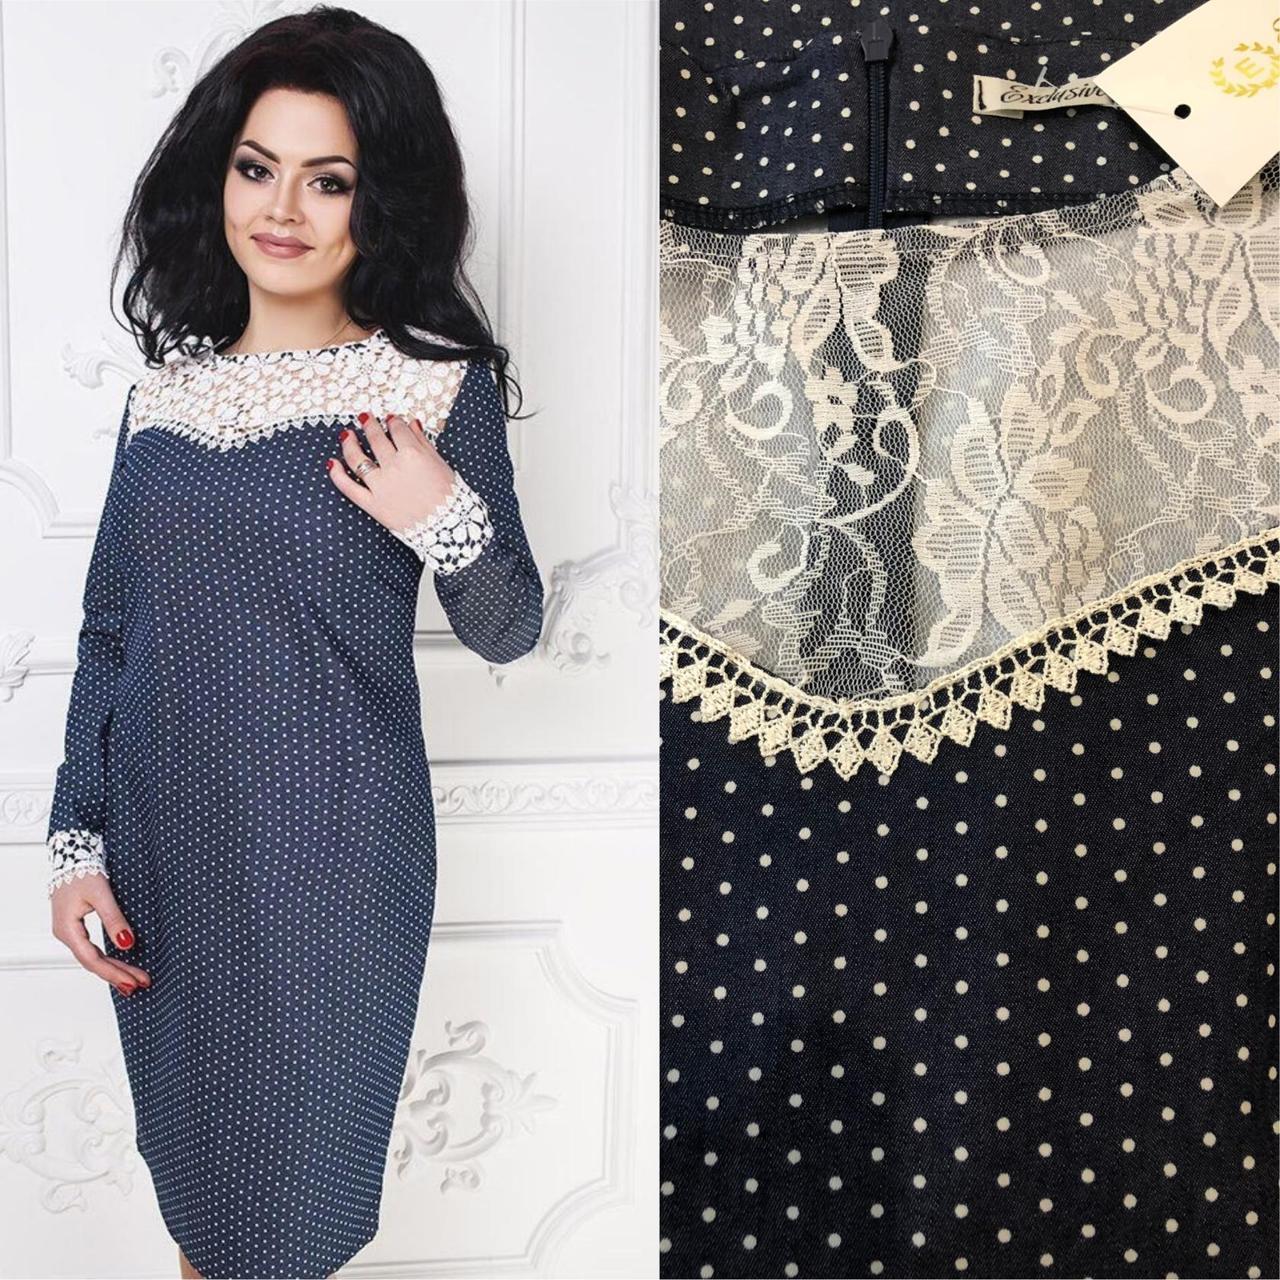 """Элегантное женское платье ткань """"Джинс стрейч-коттон"""" св размер 48, 52 размер батал"""